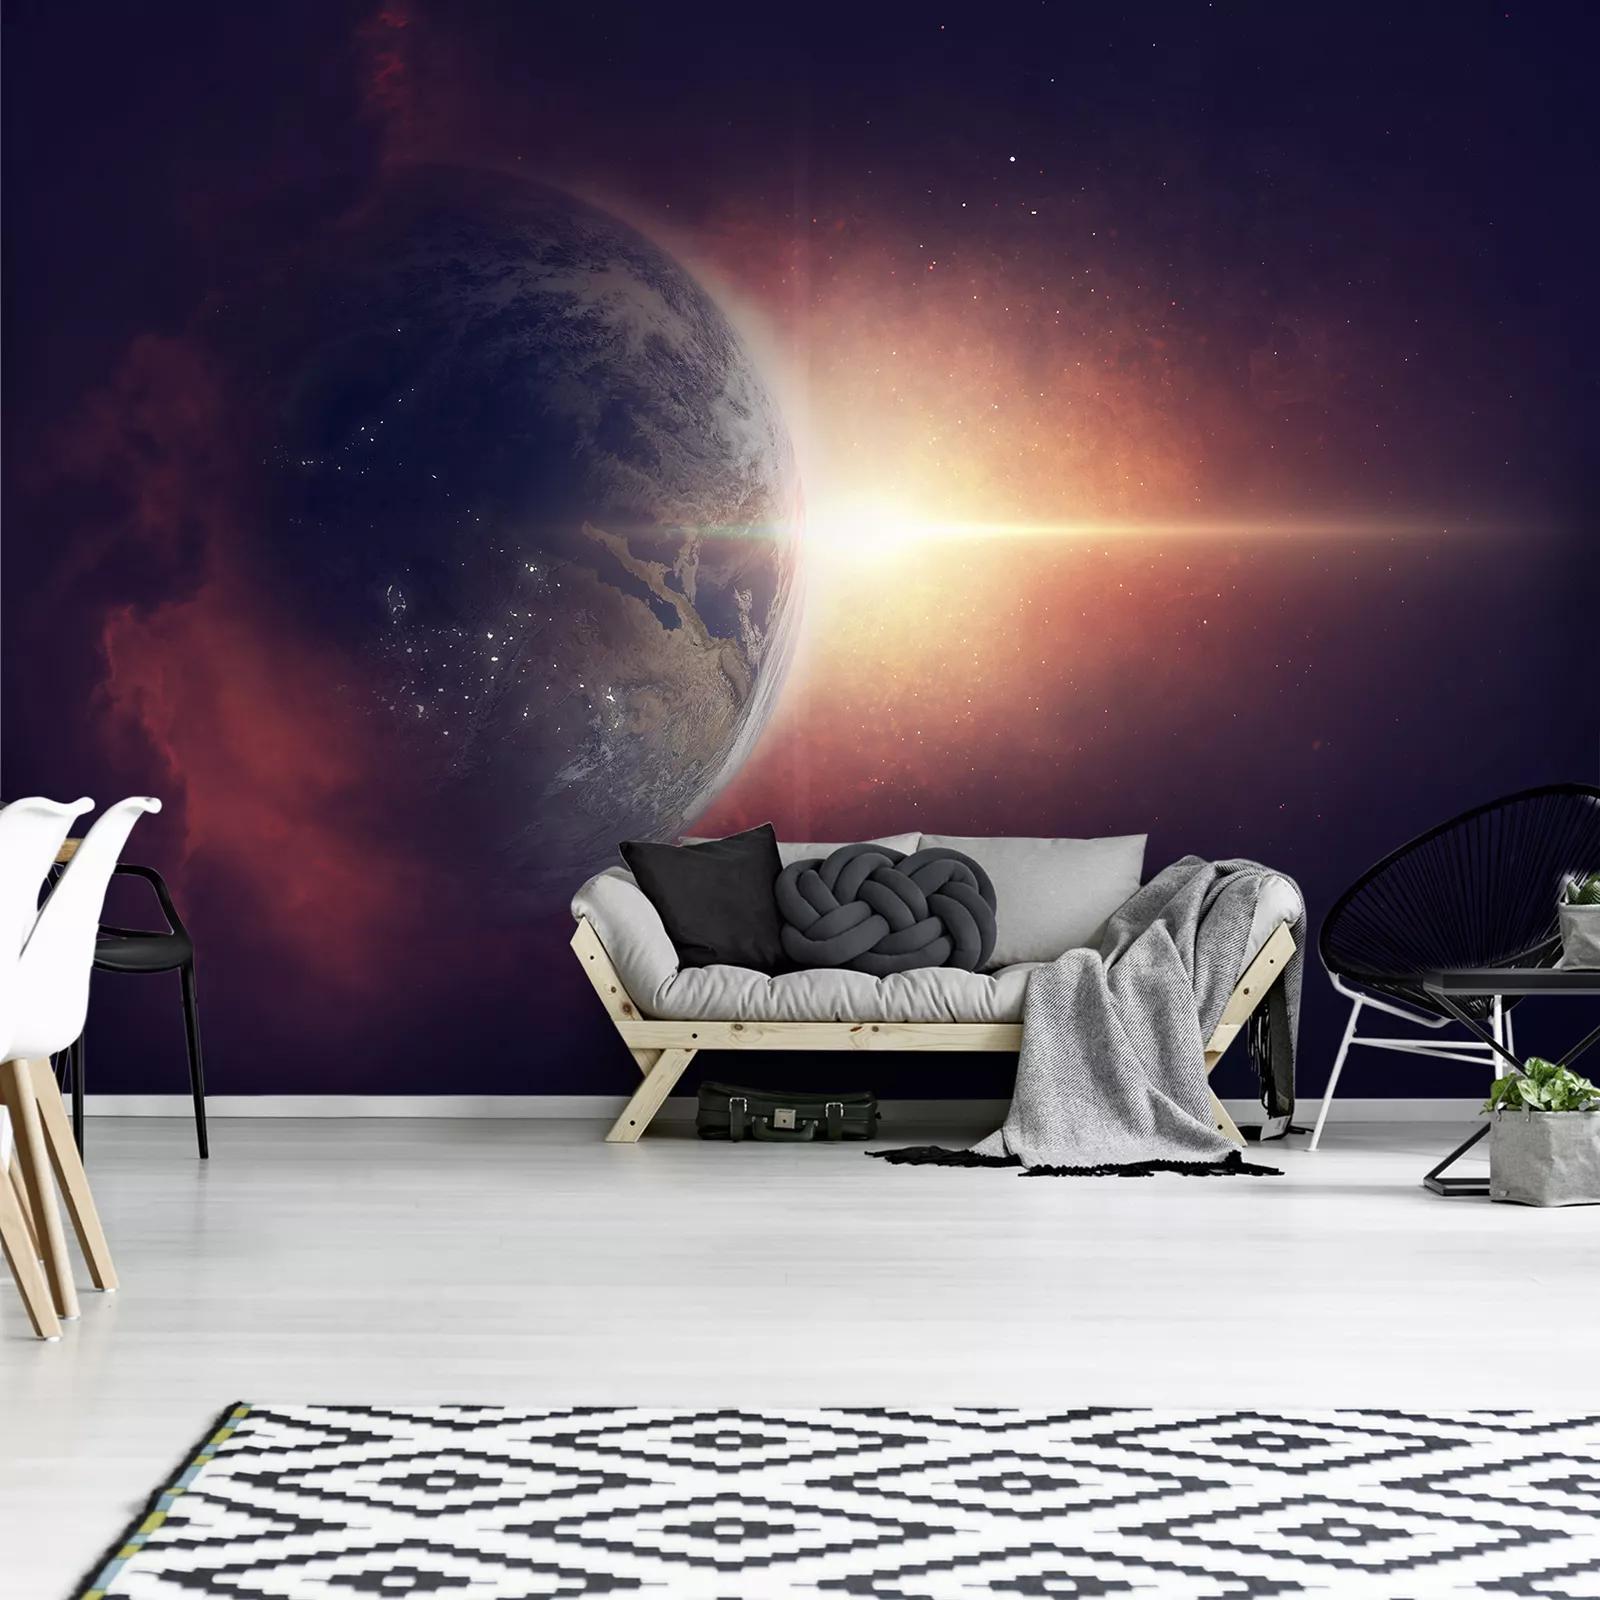 Fali poszter a világegyetemmel egy fantáziarajzon